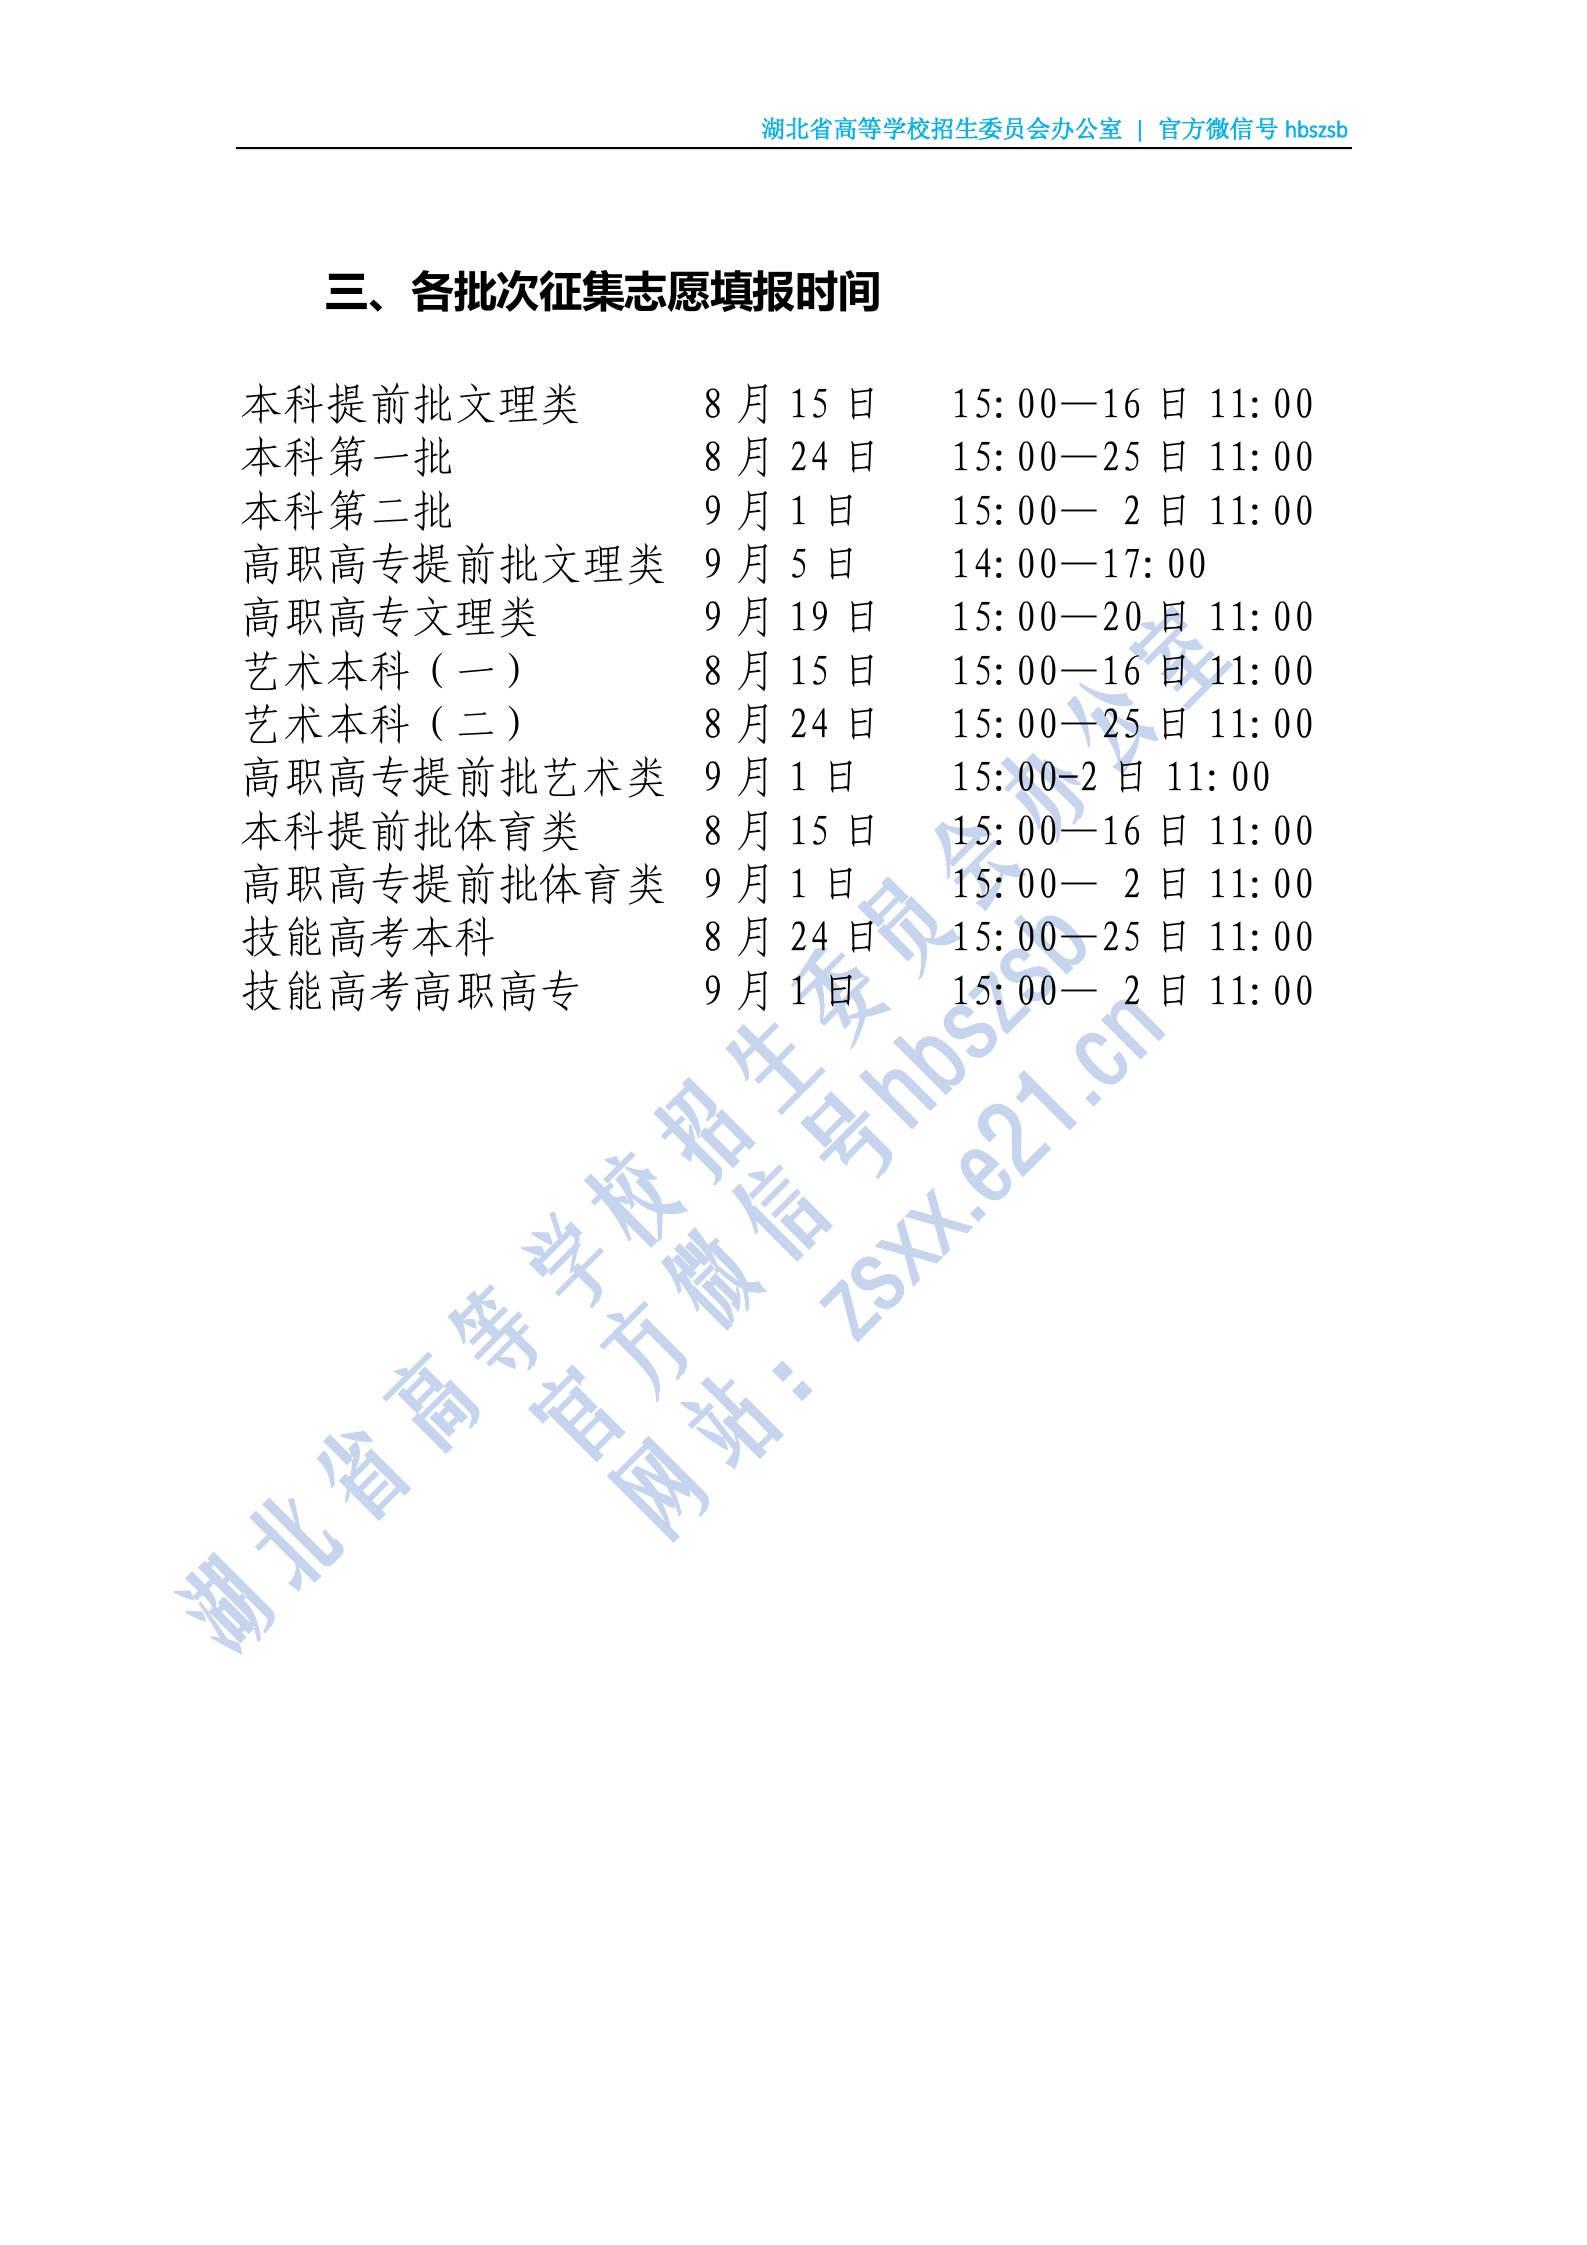 湖北省2020年普通高校招生录取时间提示